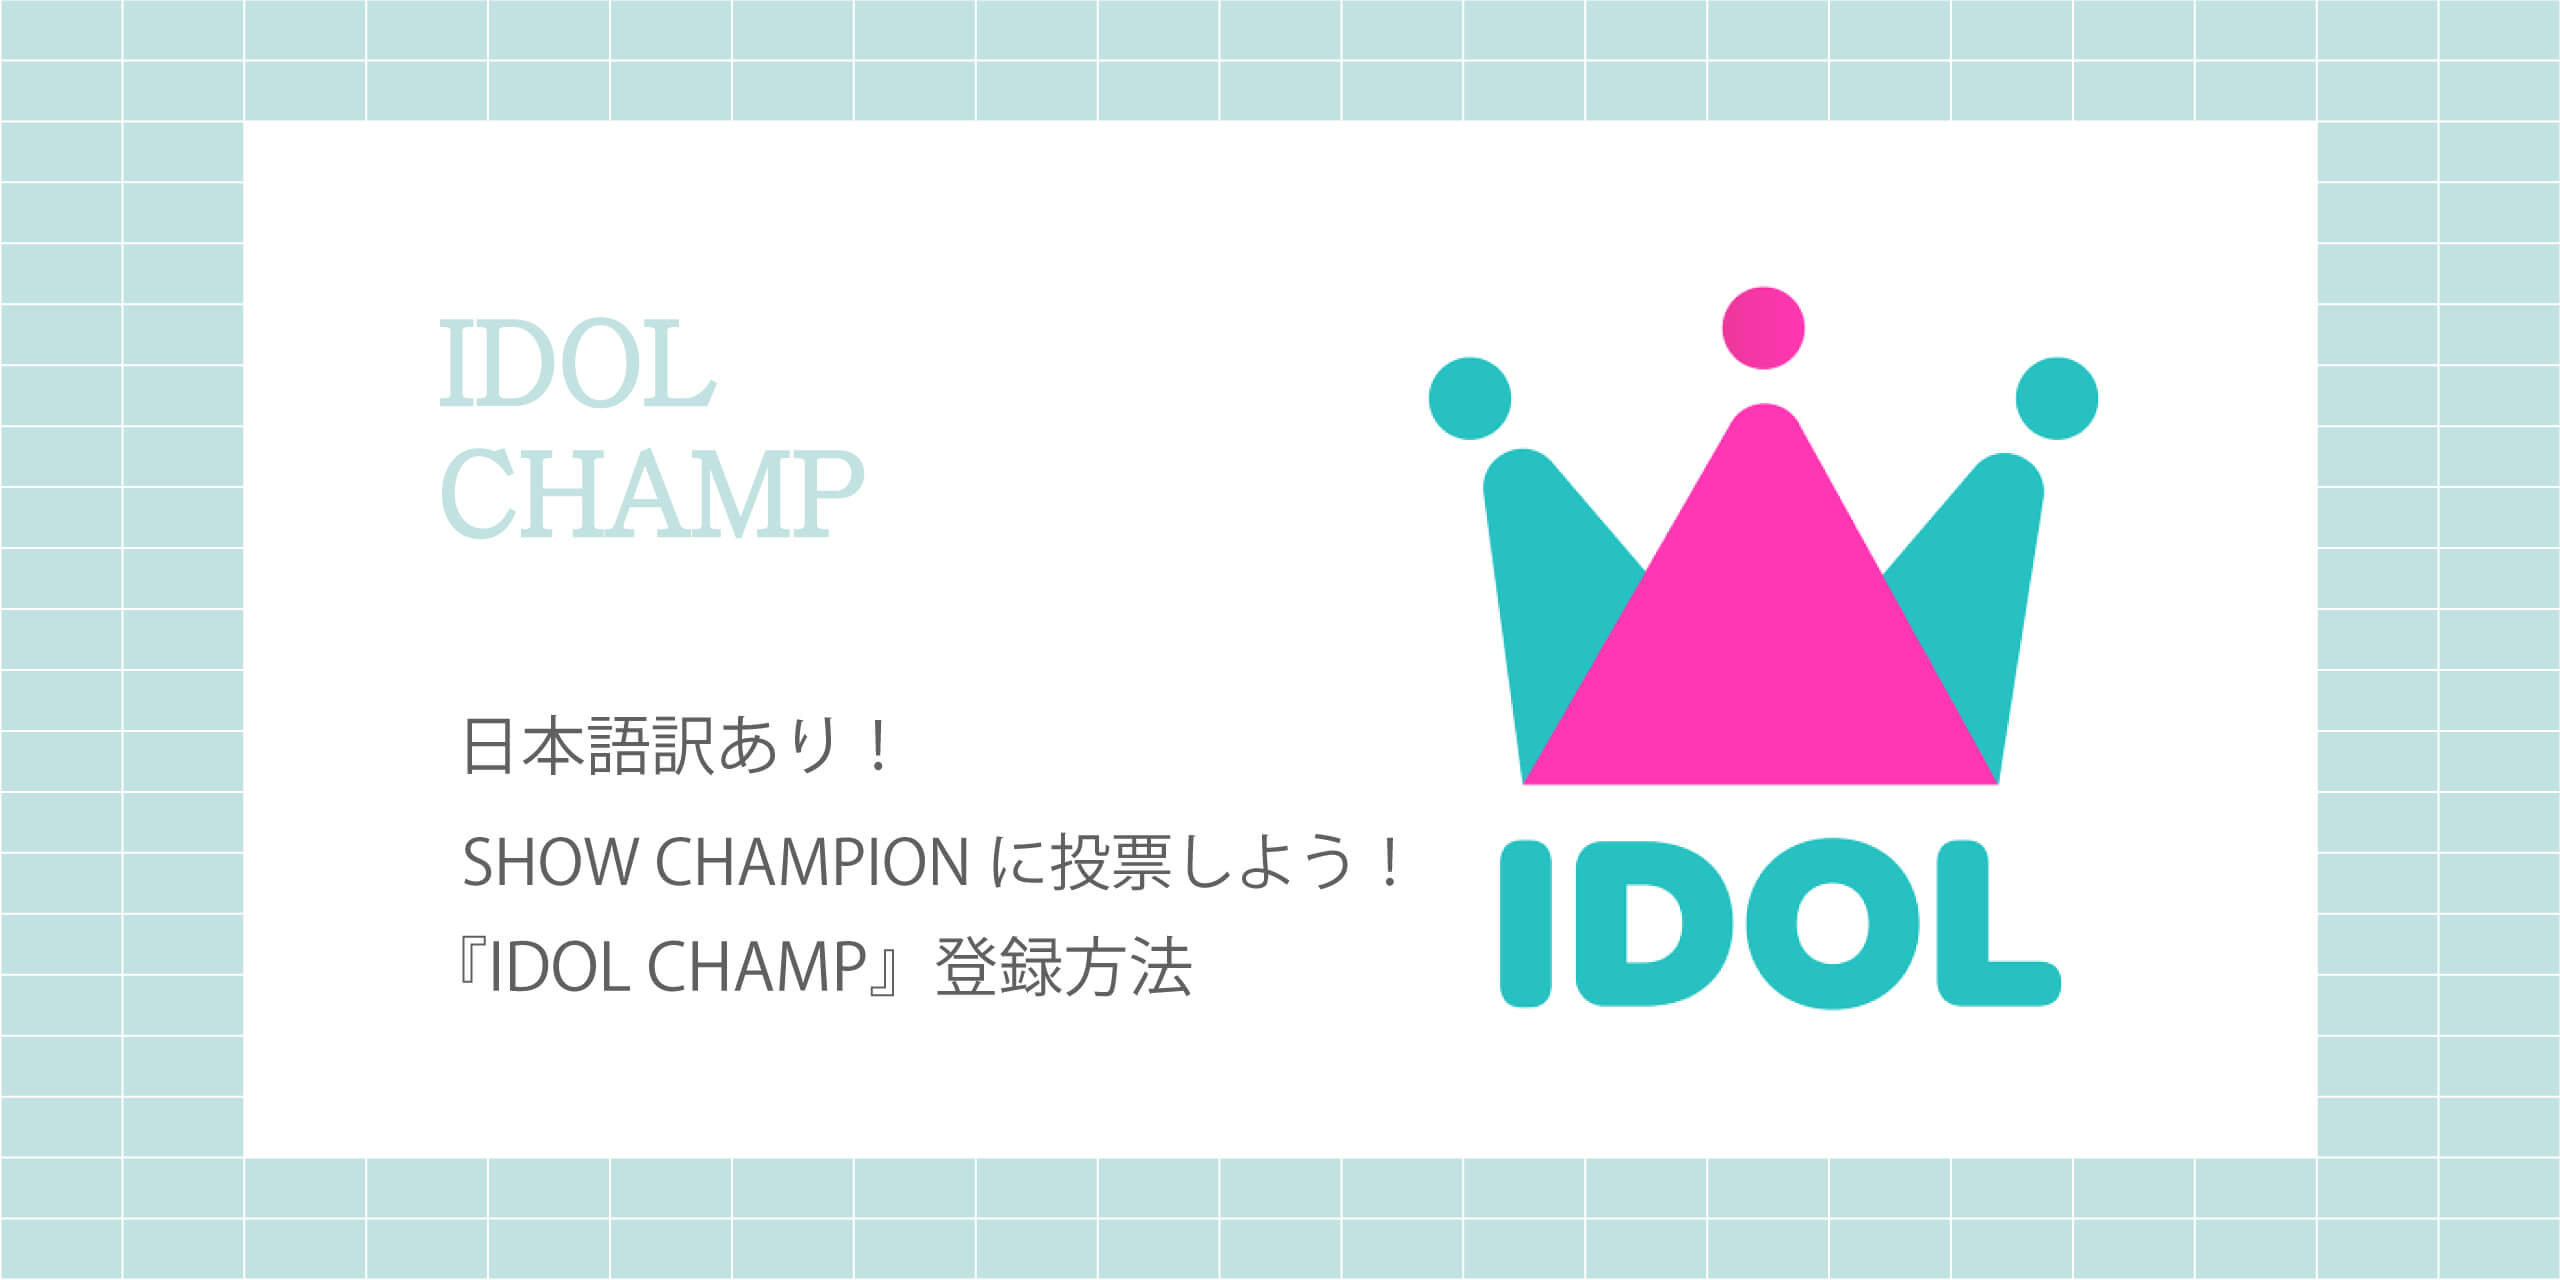 【2020最新版】日本語訳あり!SHOW CHAMPIONに投票しよう!『IDOL CHAMP』登録方法